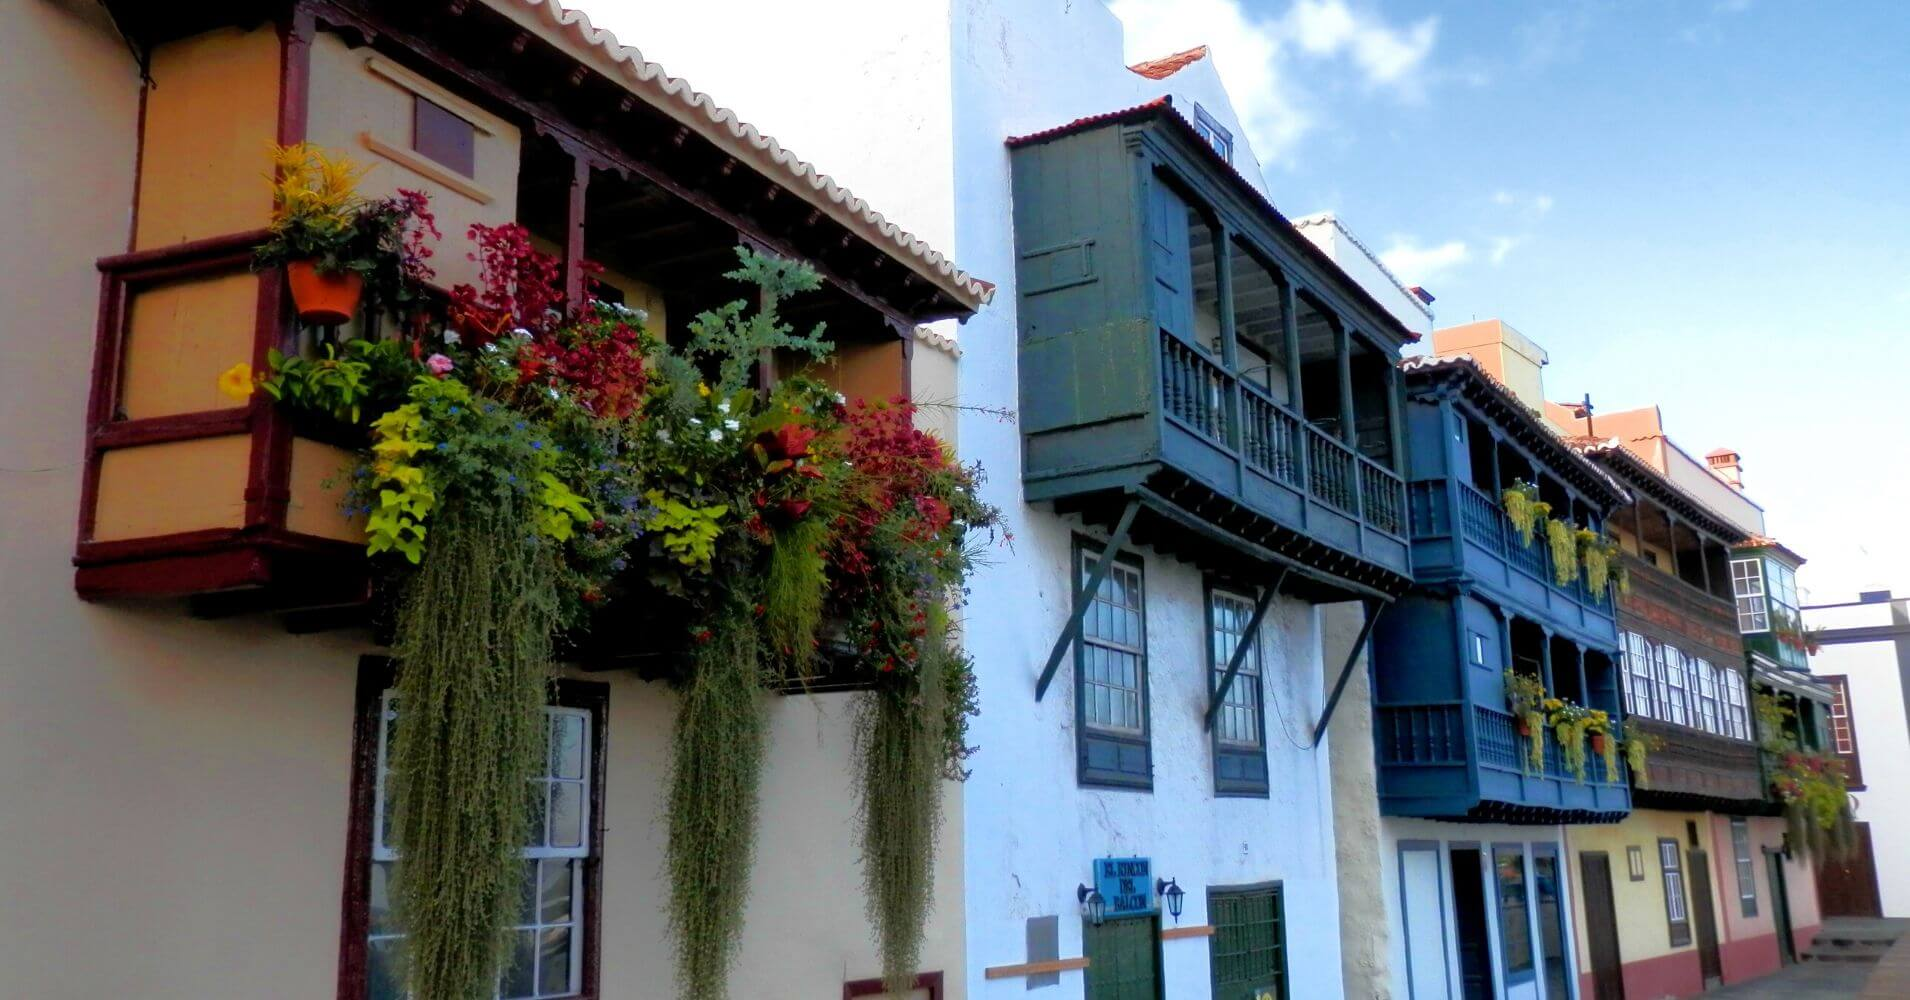 Balcones Típicos de Santa Cruz de La Palma. Islas Canarias.